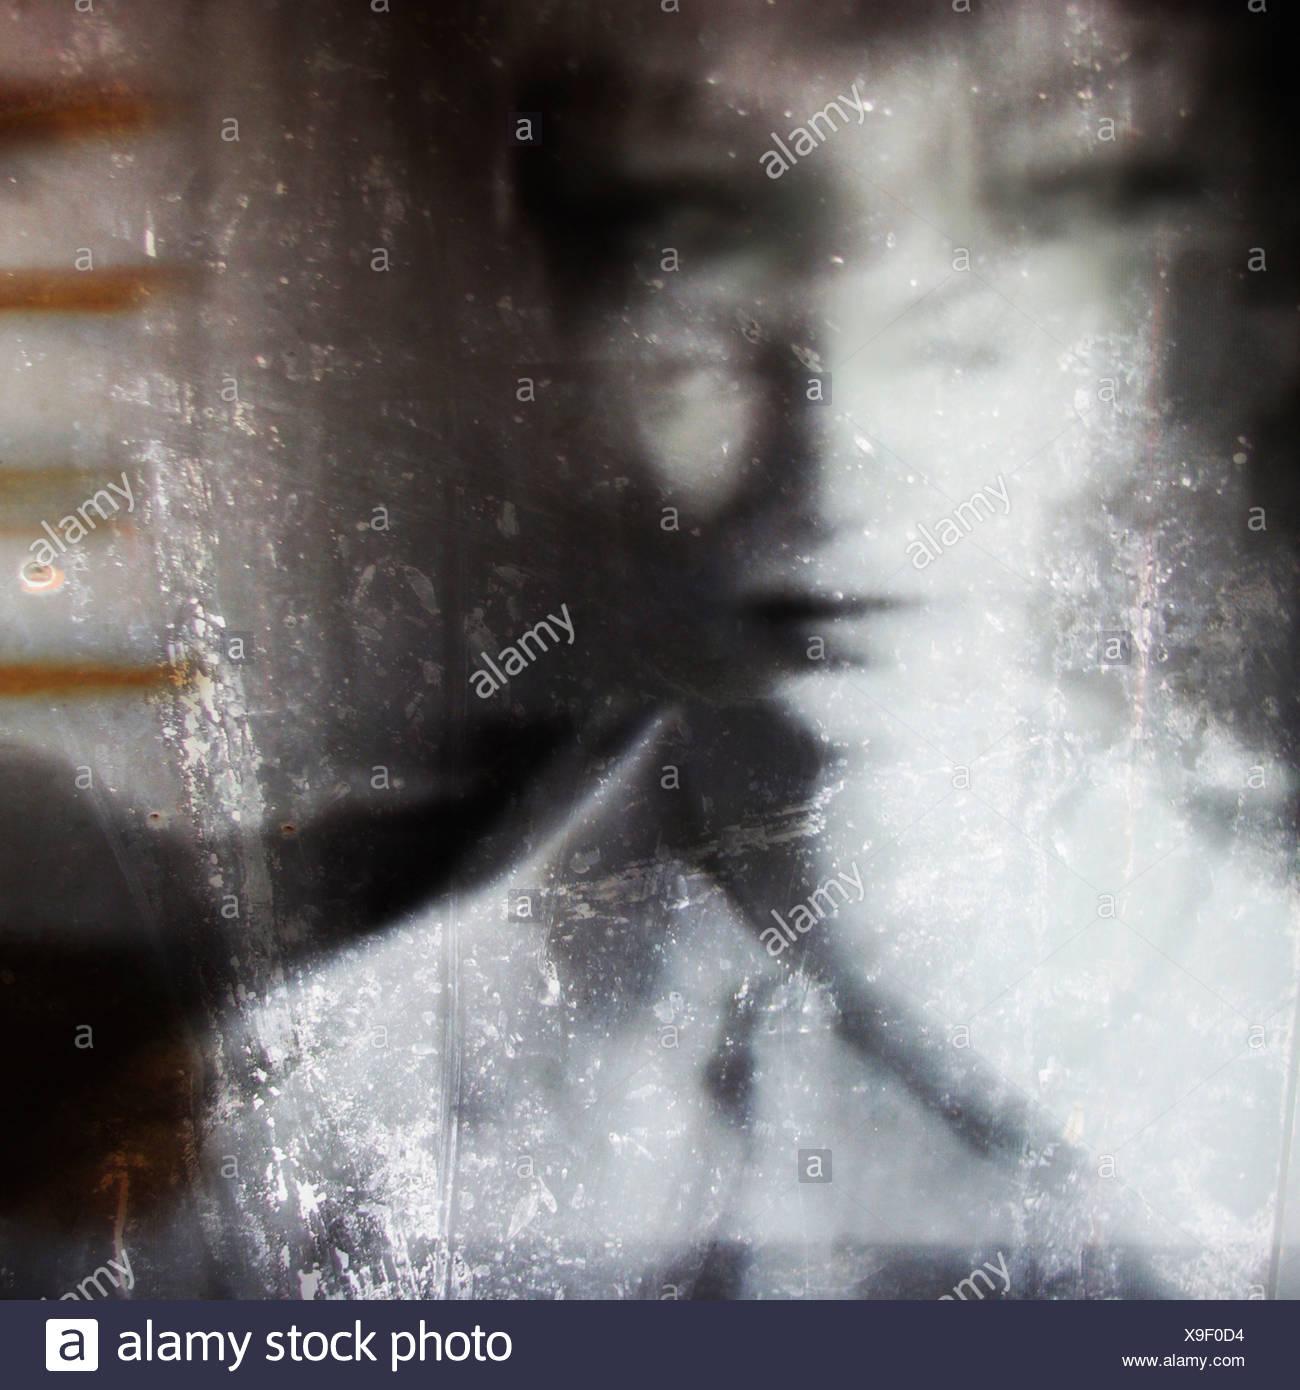 Strukturiertes Bild einer Frau mit einem Blick auf die Seite Stockbild